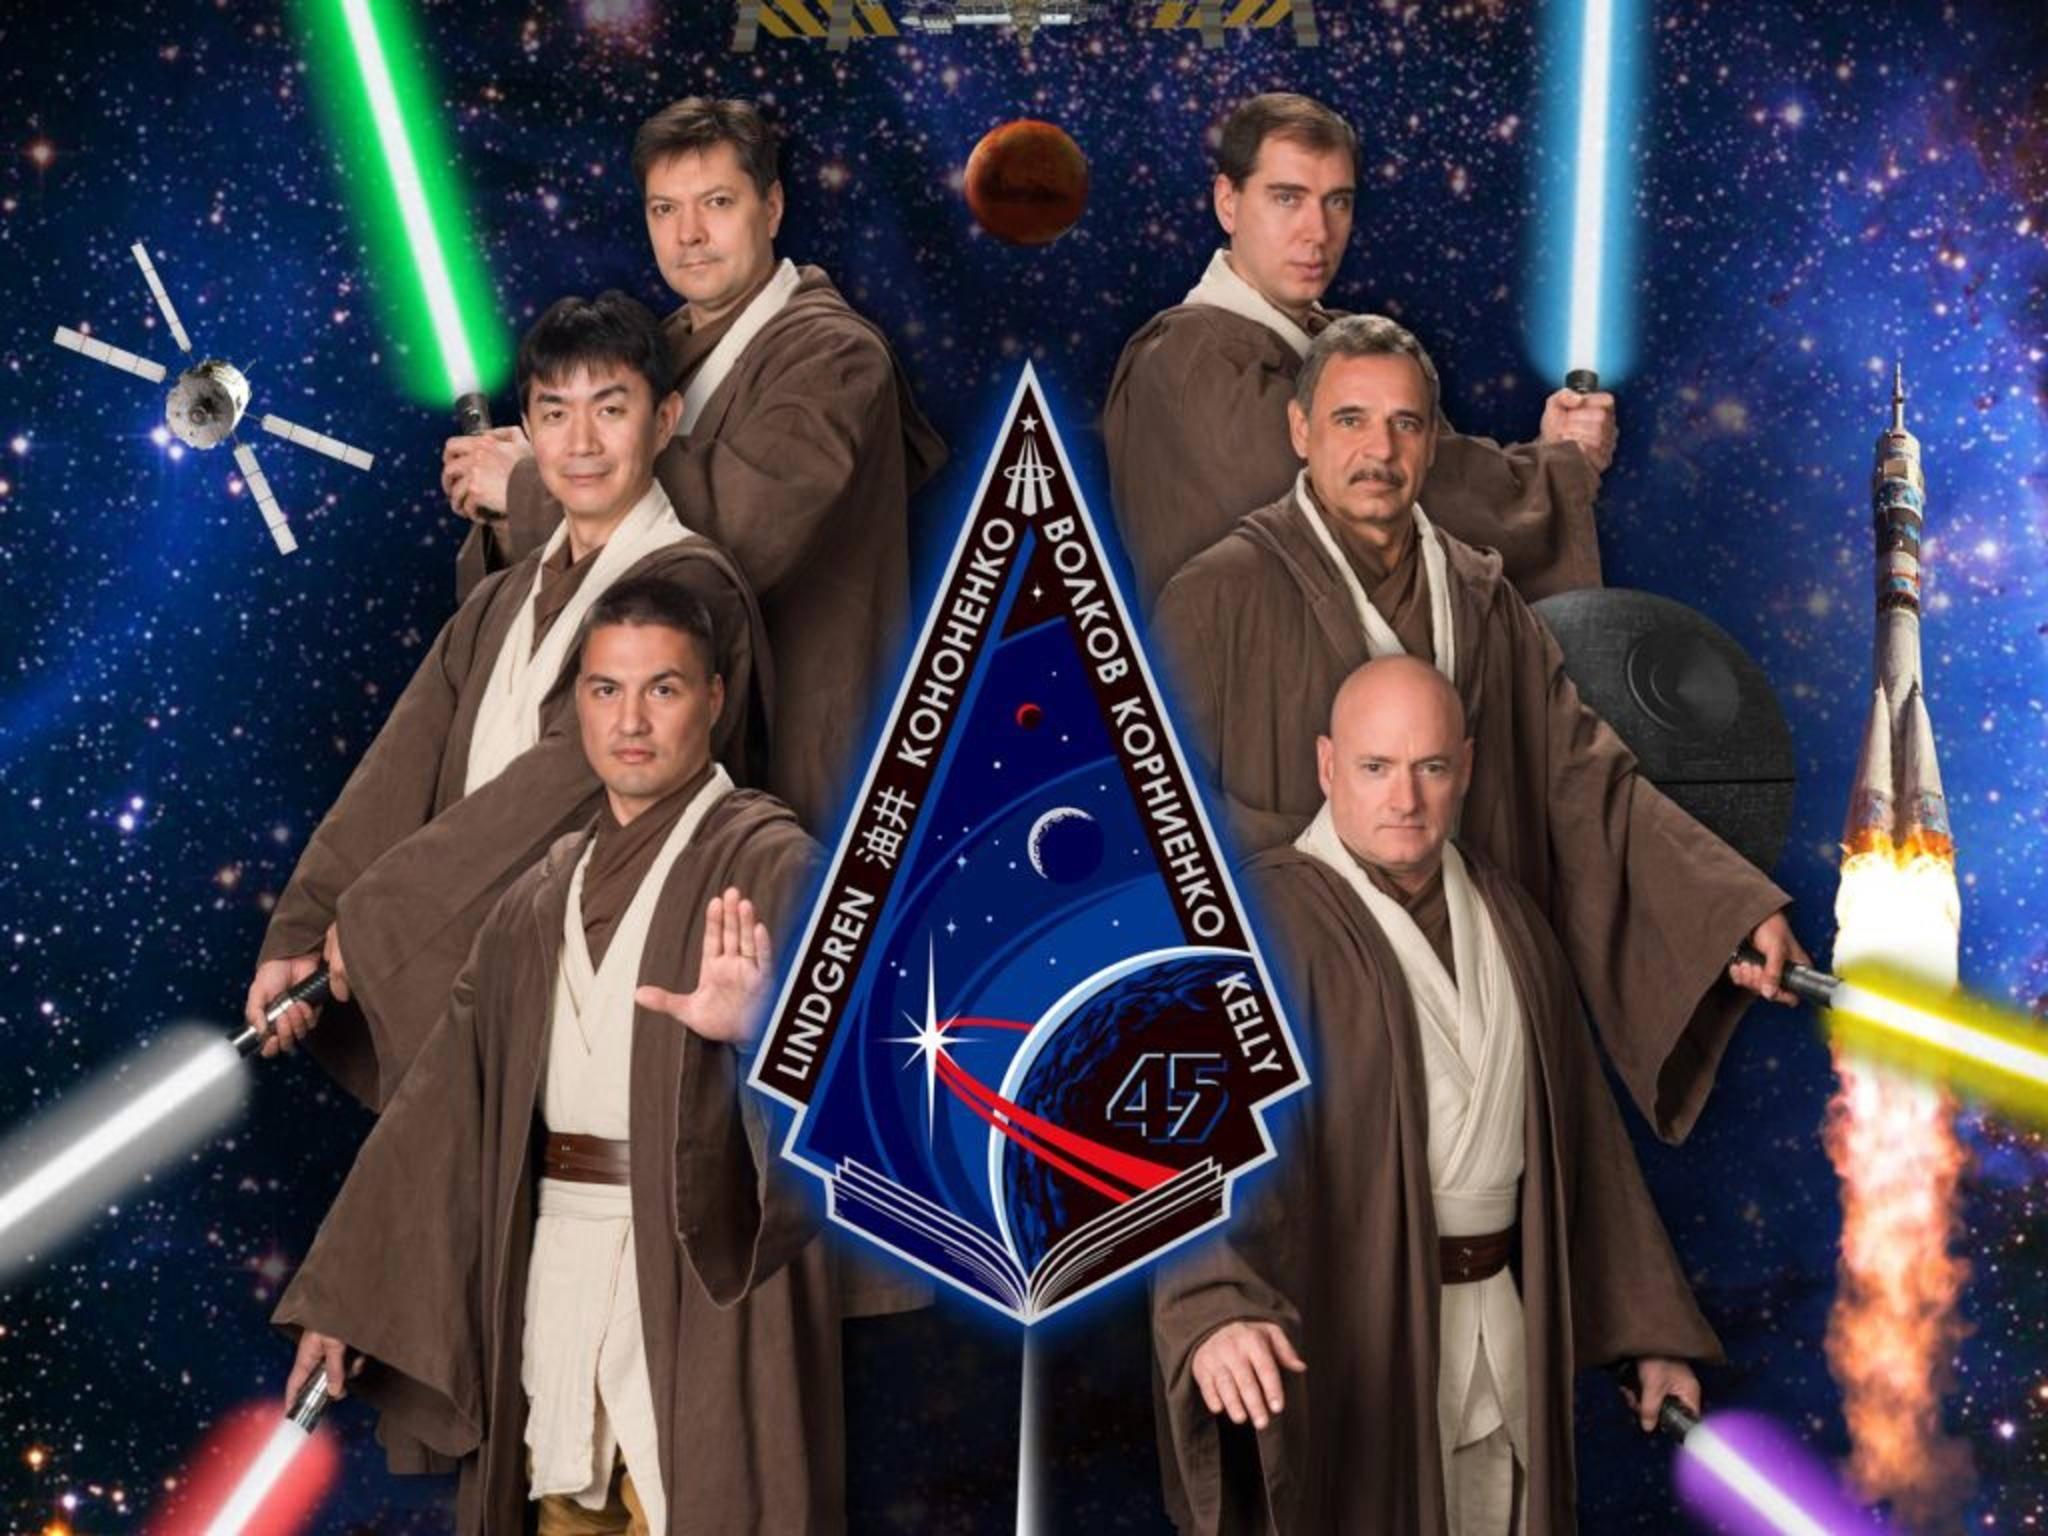 """""""Das sind sehr wohl die Astronauten, die ihr sucht!"""" Die NASA-Crew als Jedi-Ritter."""